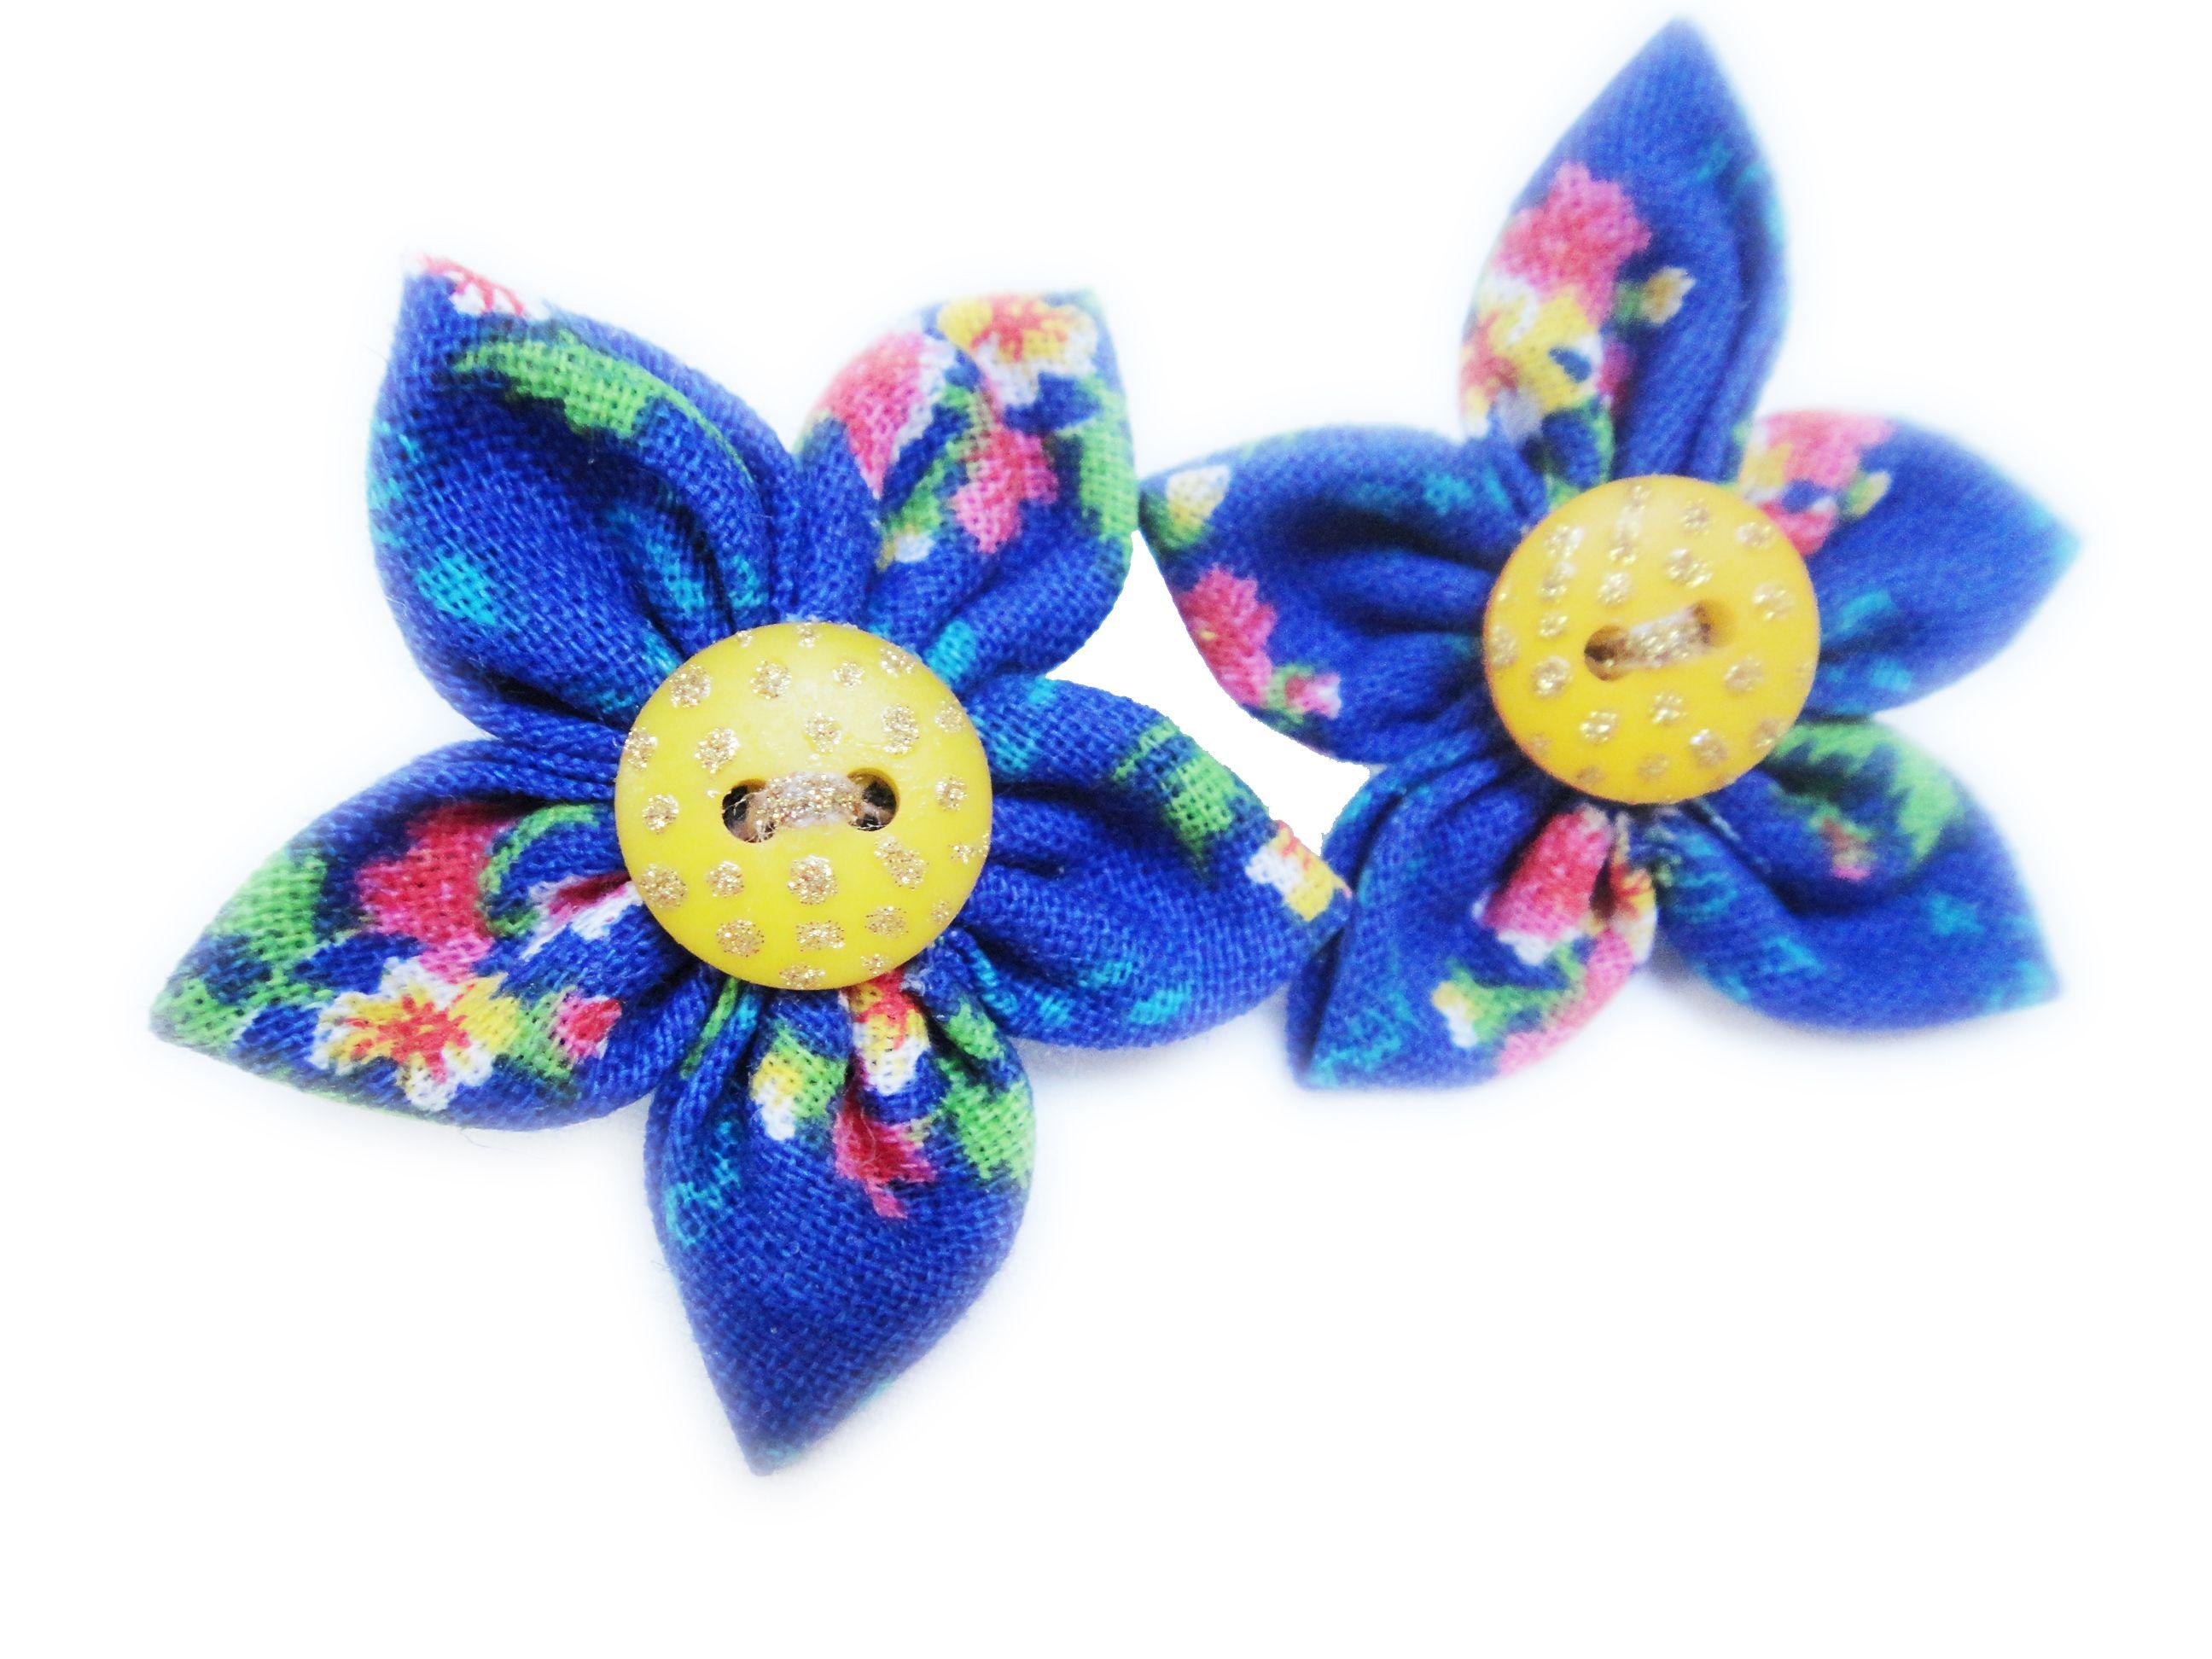 Cute earing flowers!